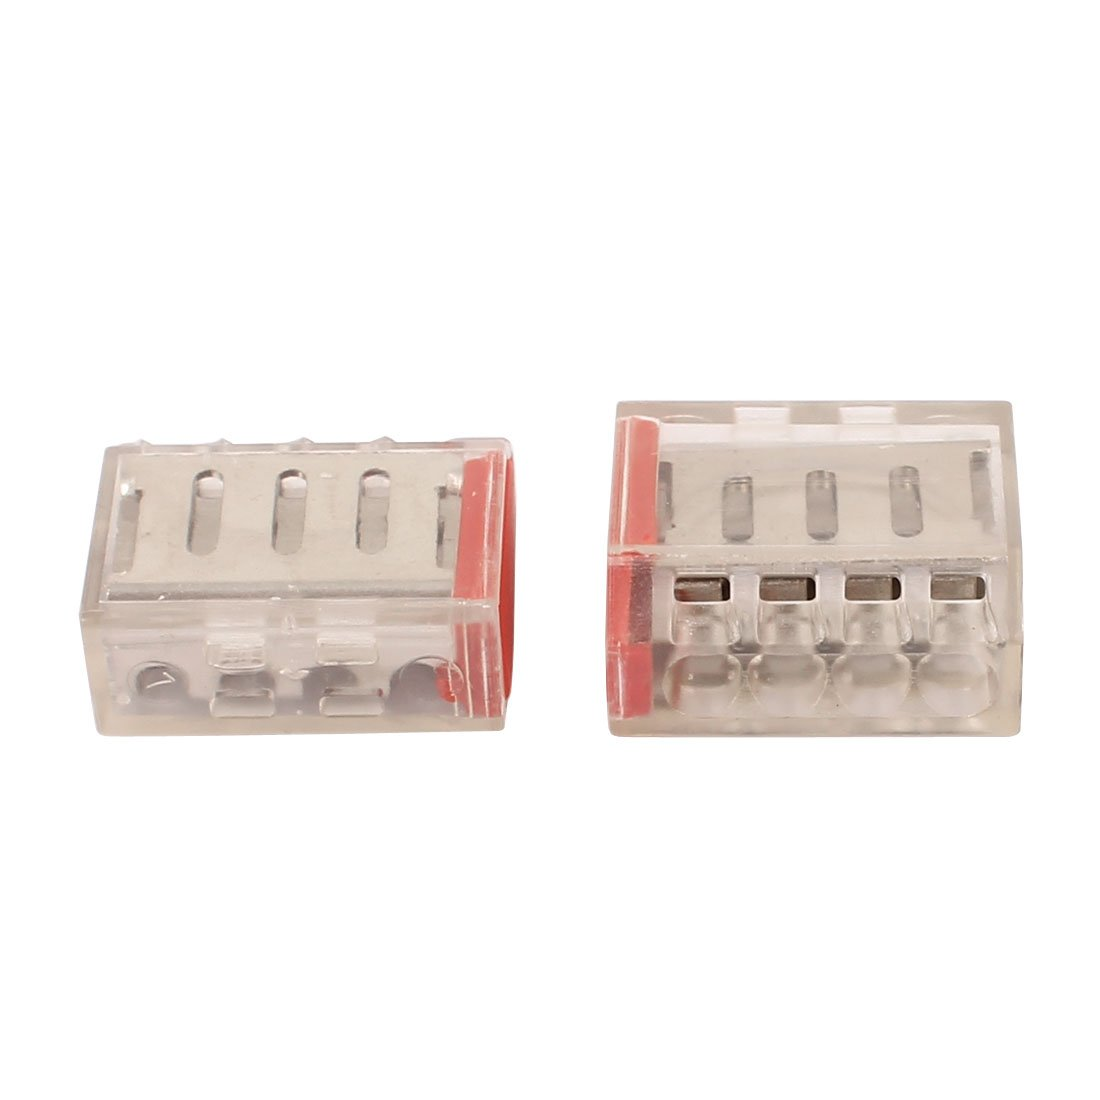 12 Stk AC 400V 30A 2.5-6mm2 4-fach Klemmenleiste Push Kabel Stecker Rot